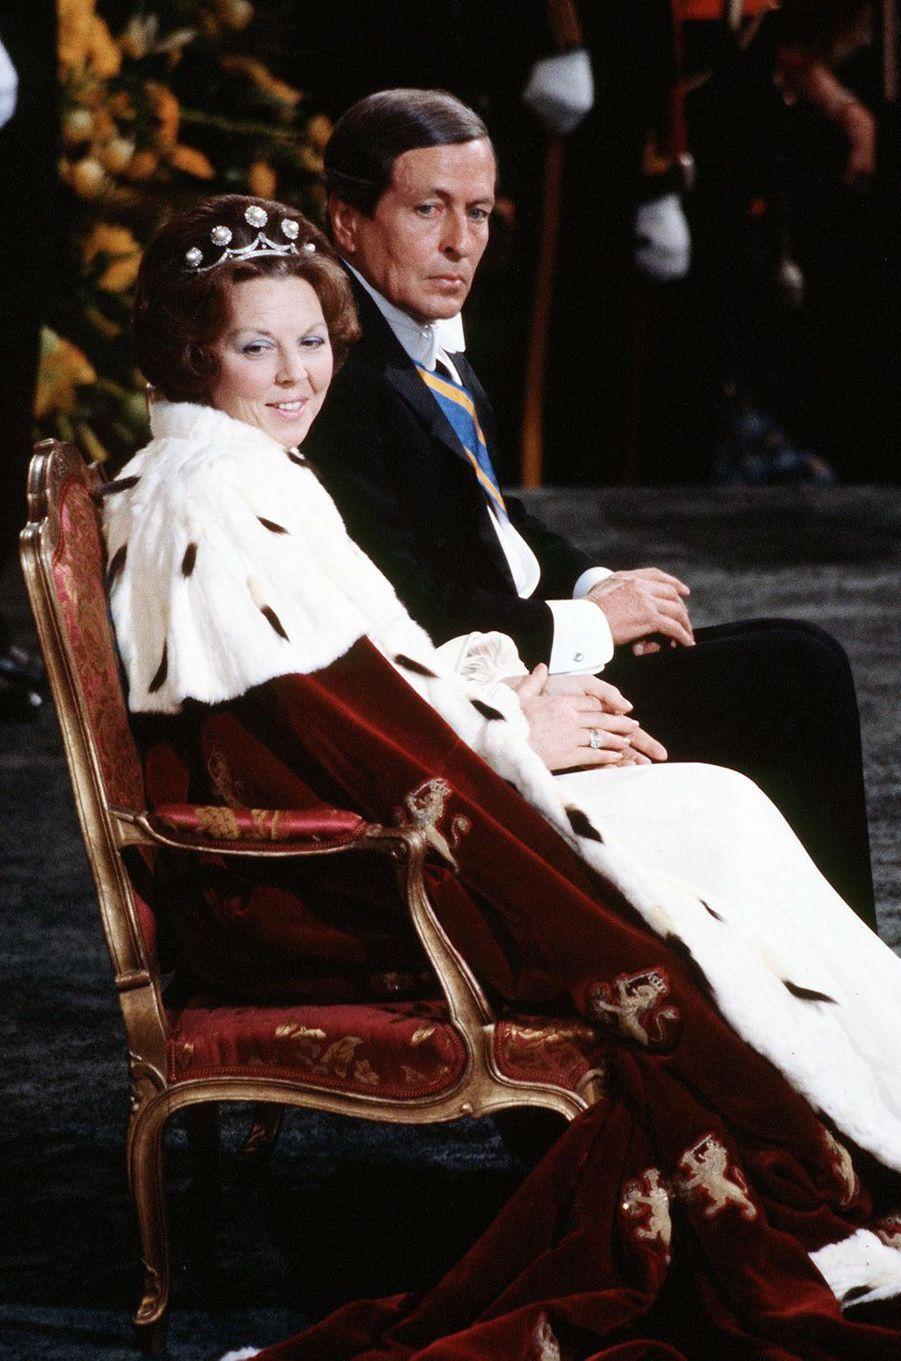 La reine Beatrix des Pays-Bas avec son époux le prince Claus, lors de son intronisation à Amsterdam le 30 avril 1980